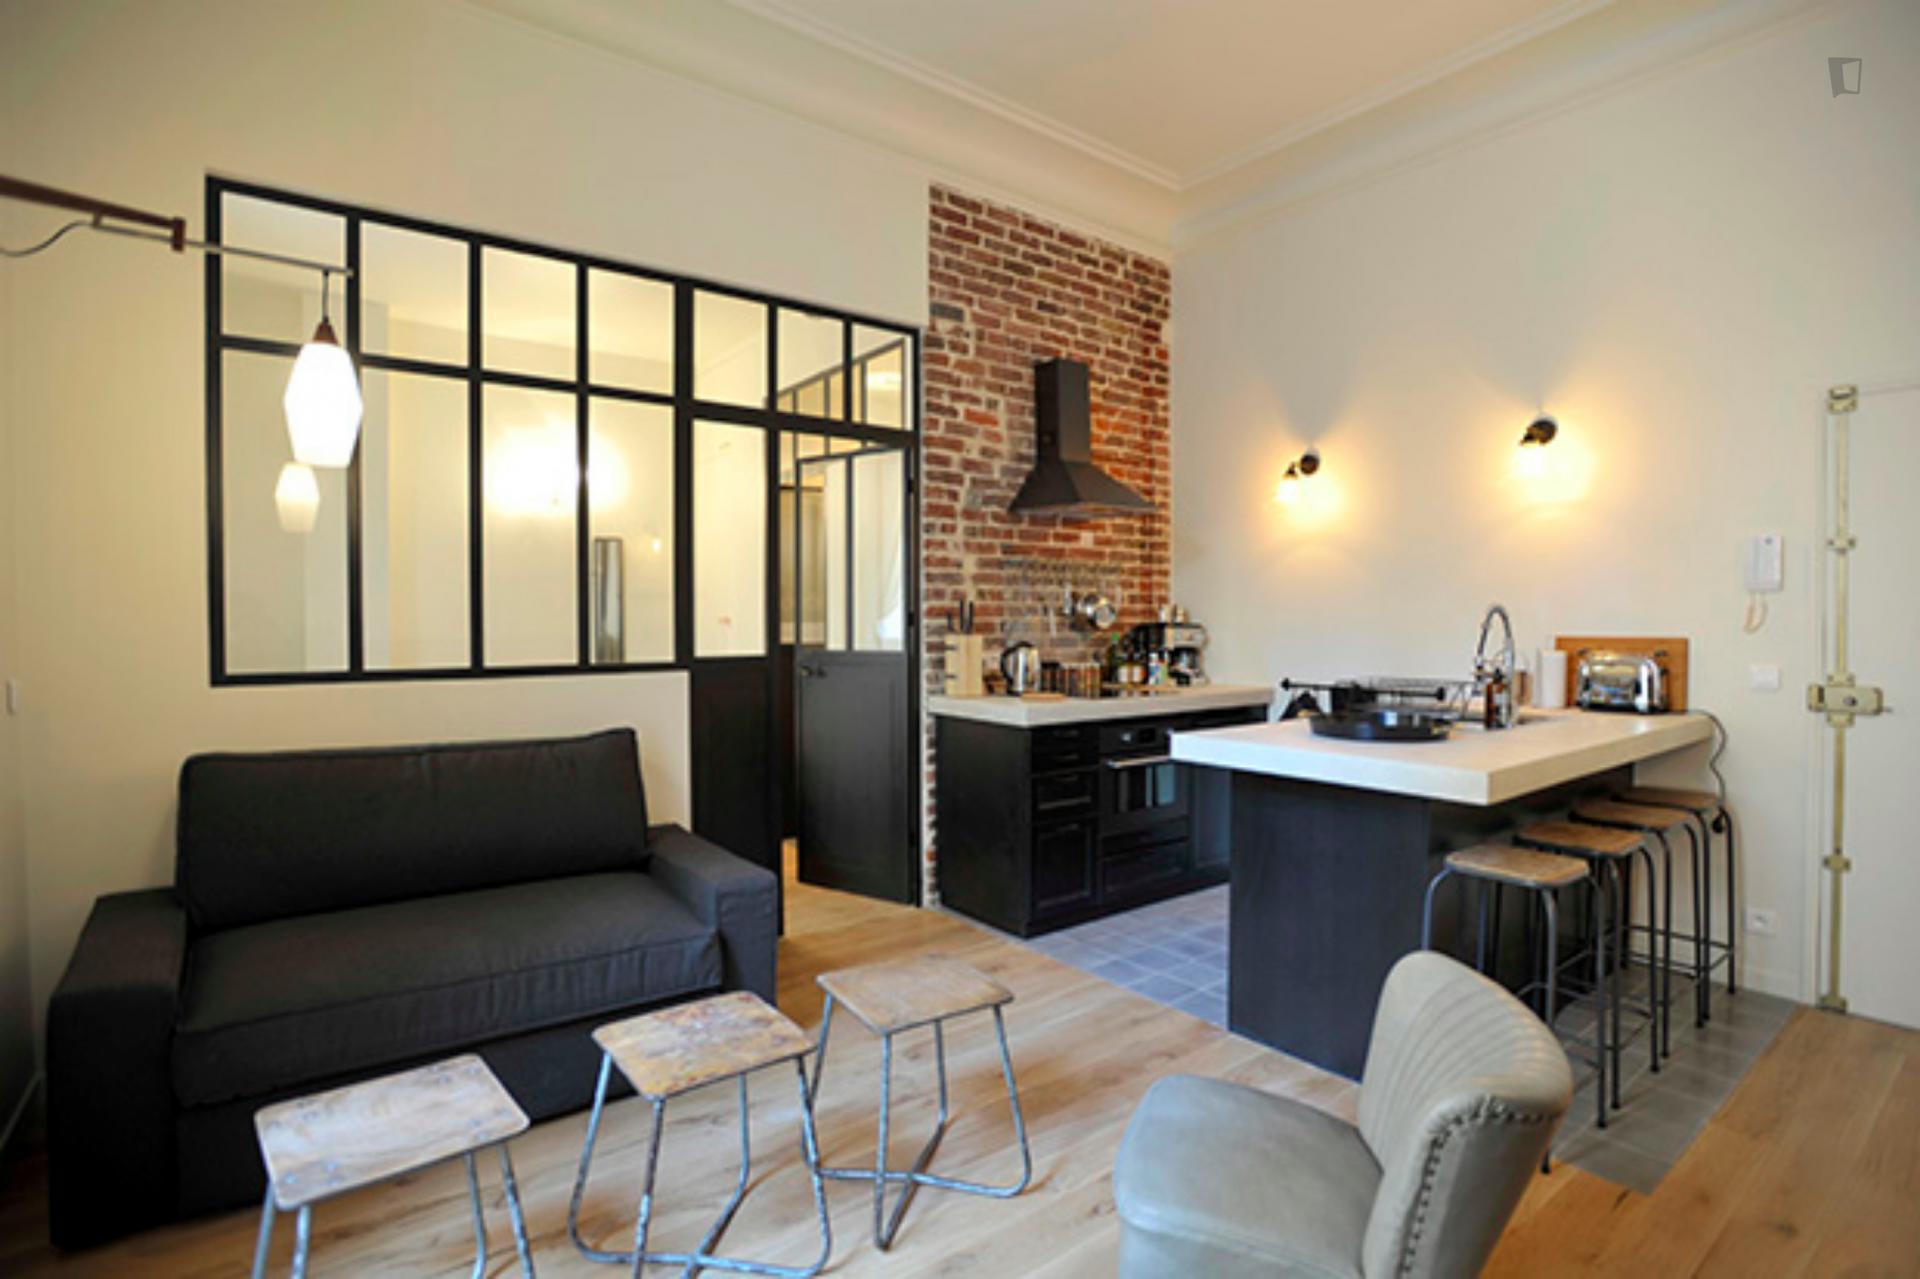 République- Beautiful Loft for expats in Paris